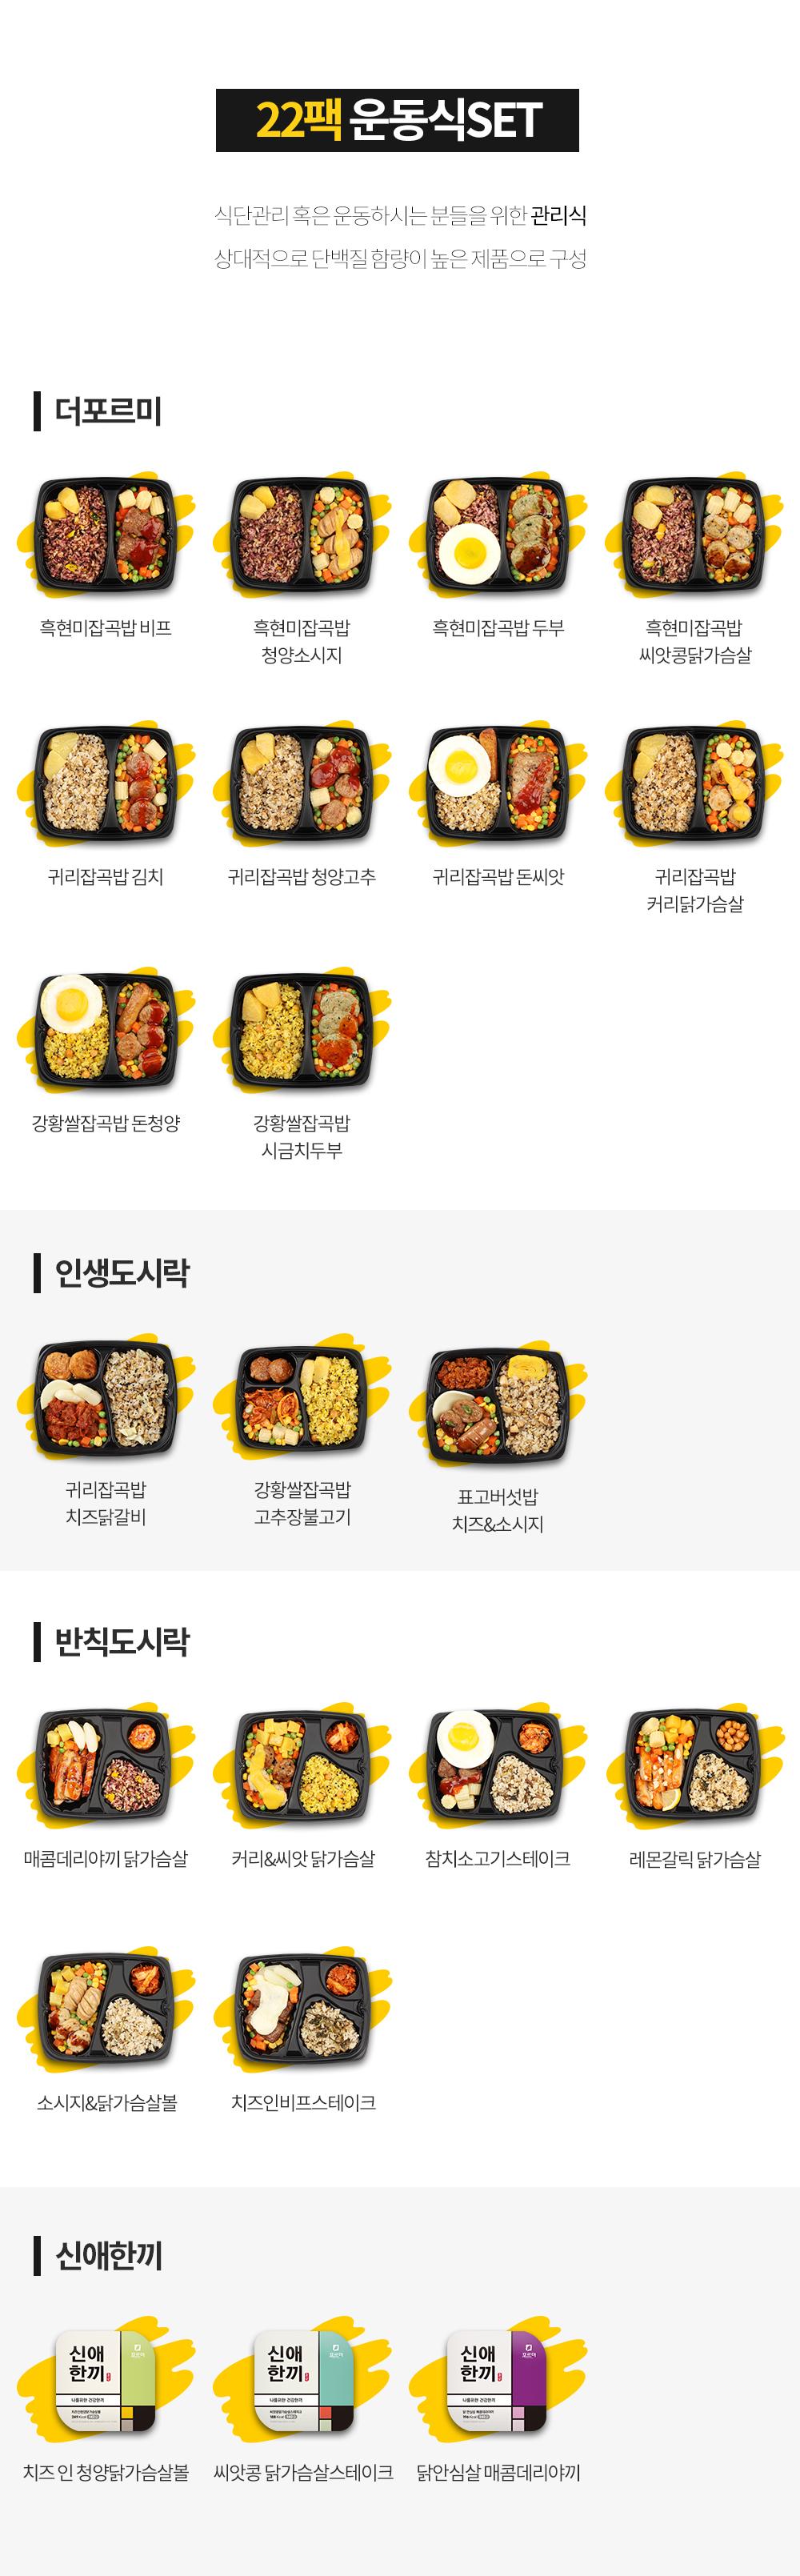 22팩 운동식SET 구성